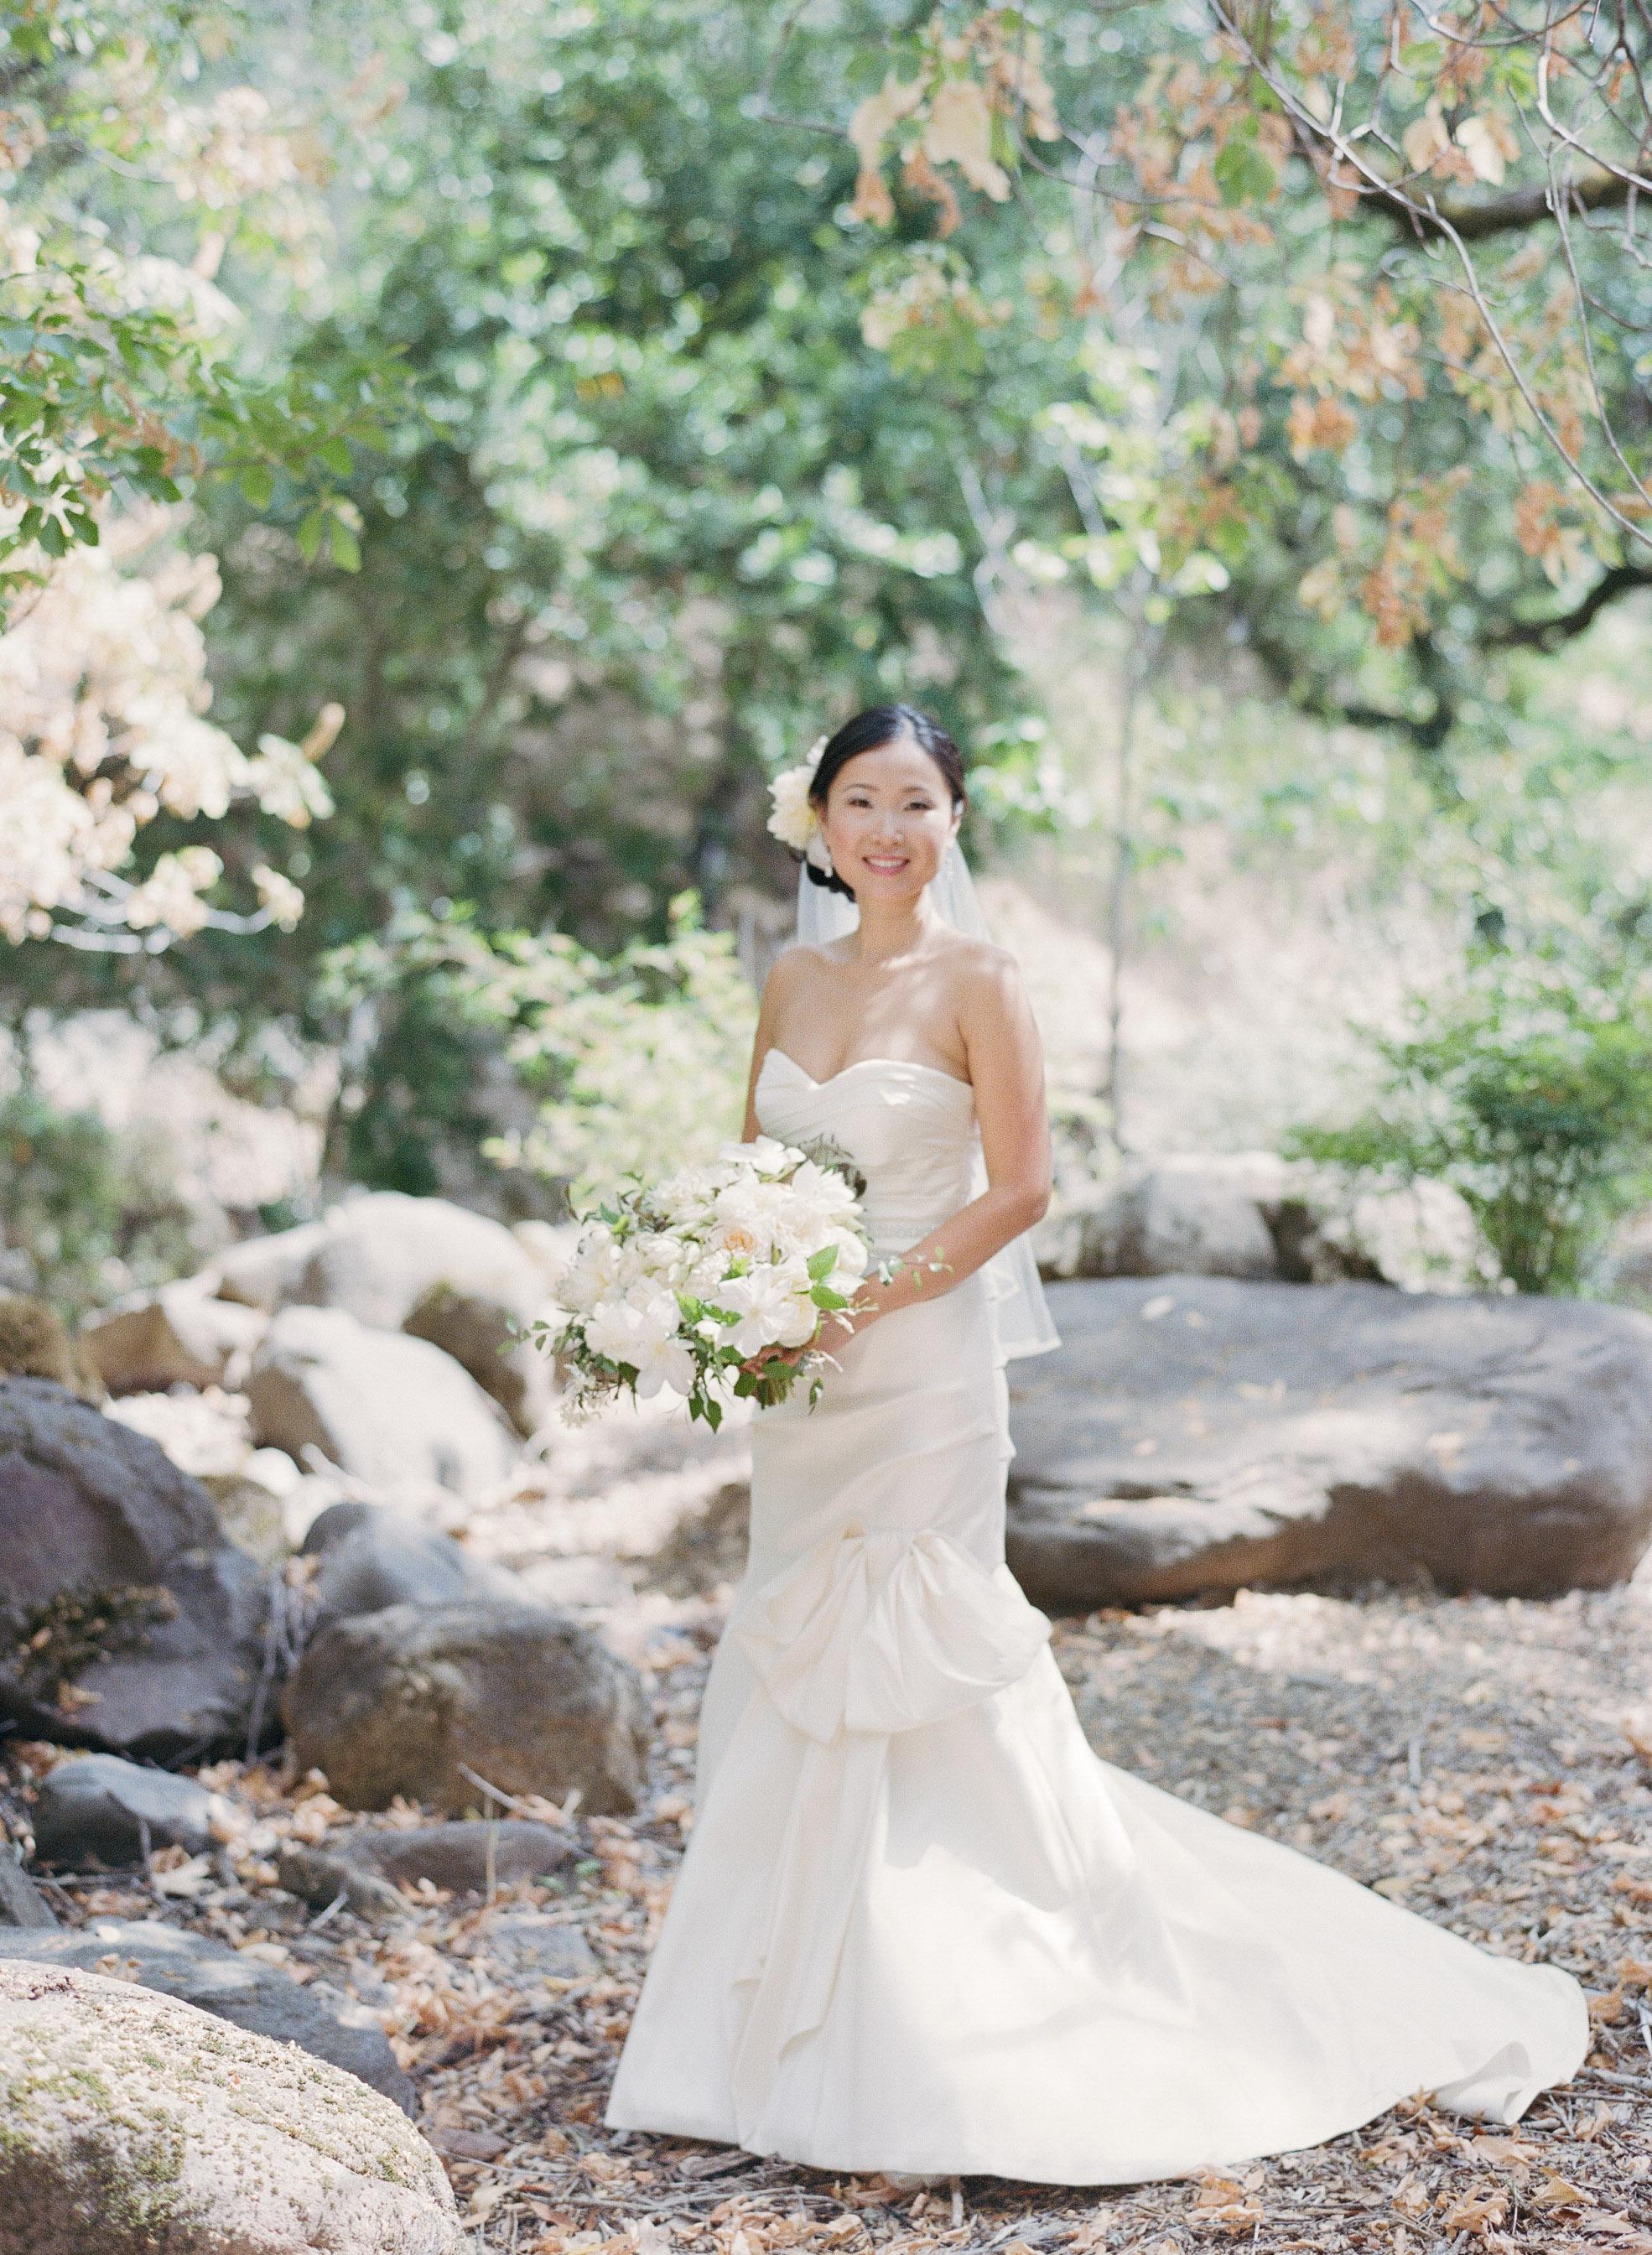 SylvieGil-Bride, Ceremony, Family, film, Groom, Napa, Reception, Wedding, Wedding Party-15.jpg